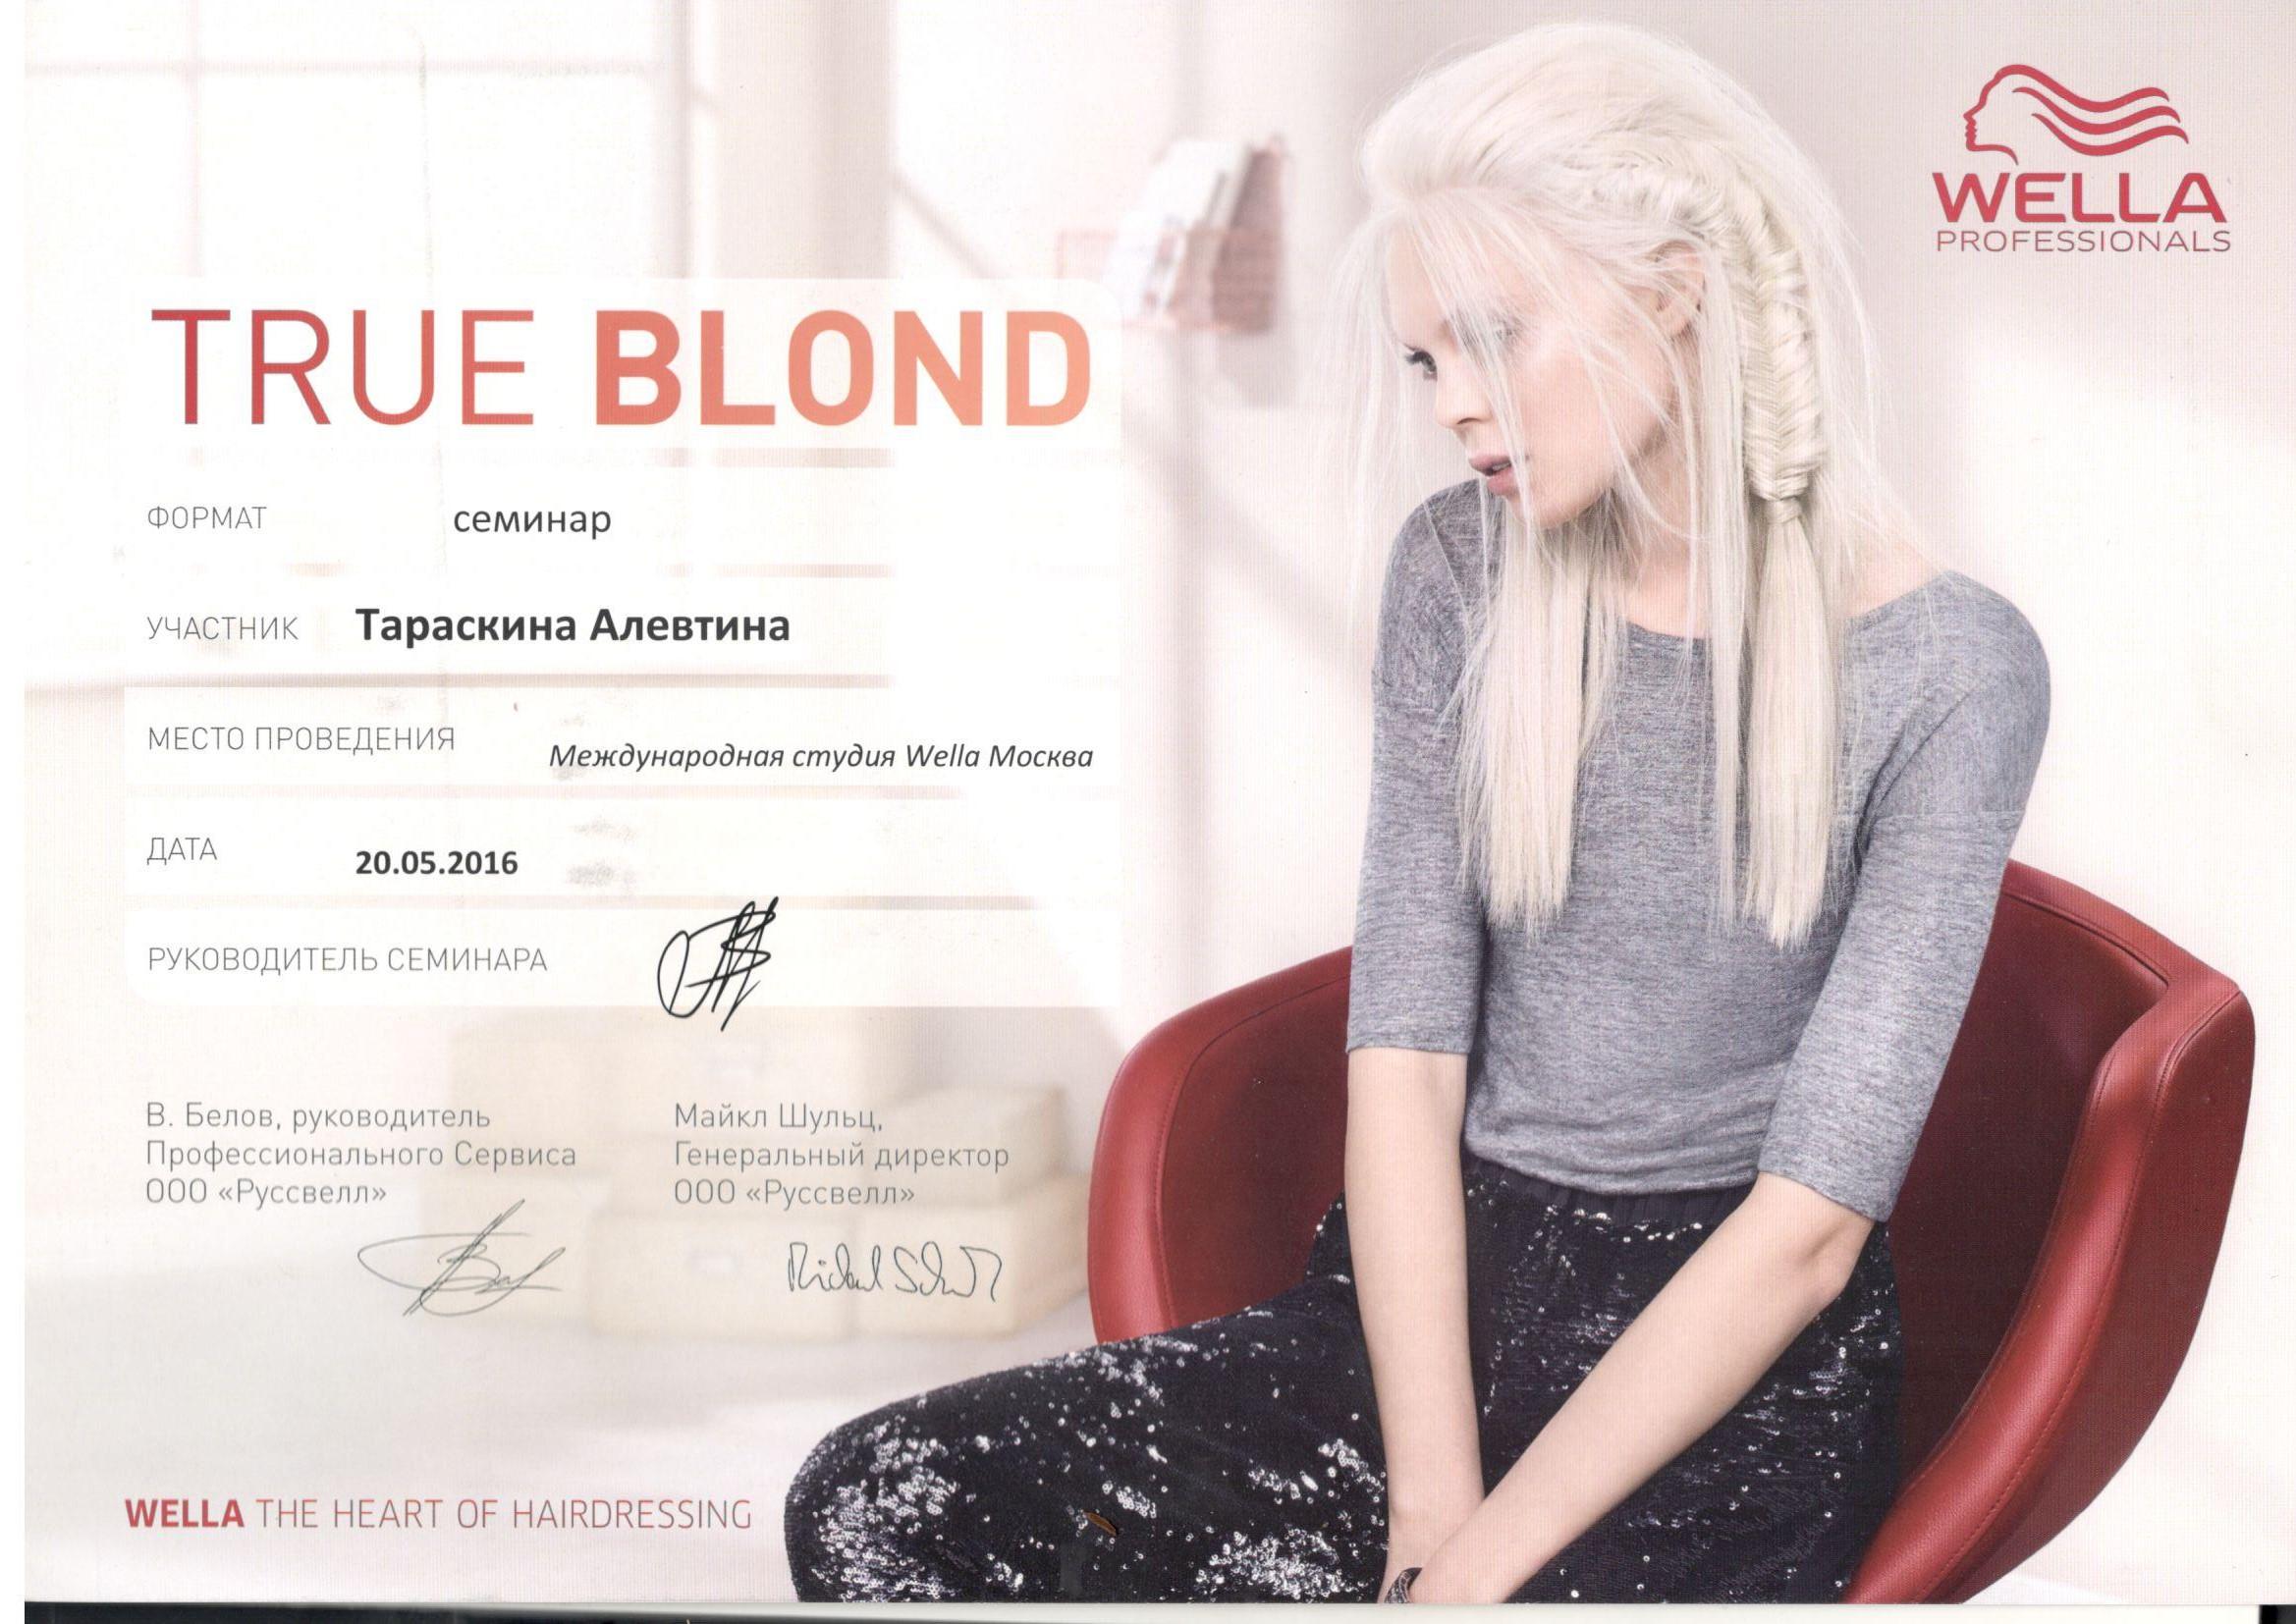 2016 true blond wella